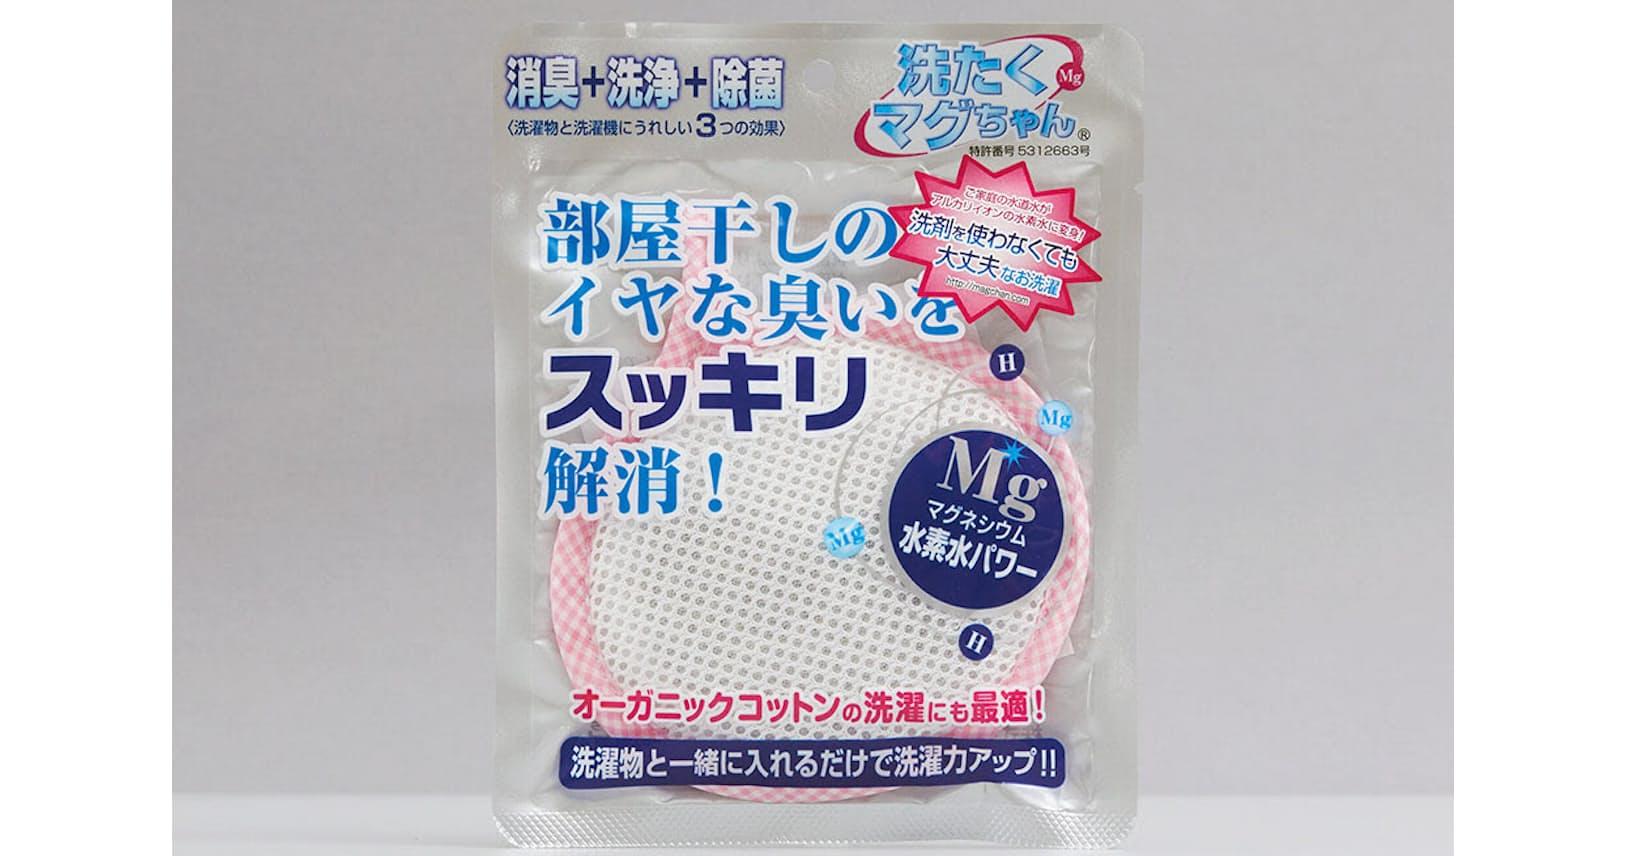 マグネシウム 洗剤